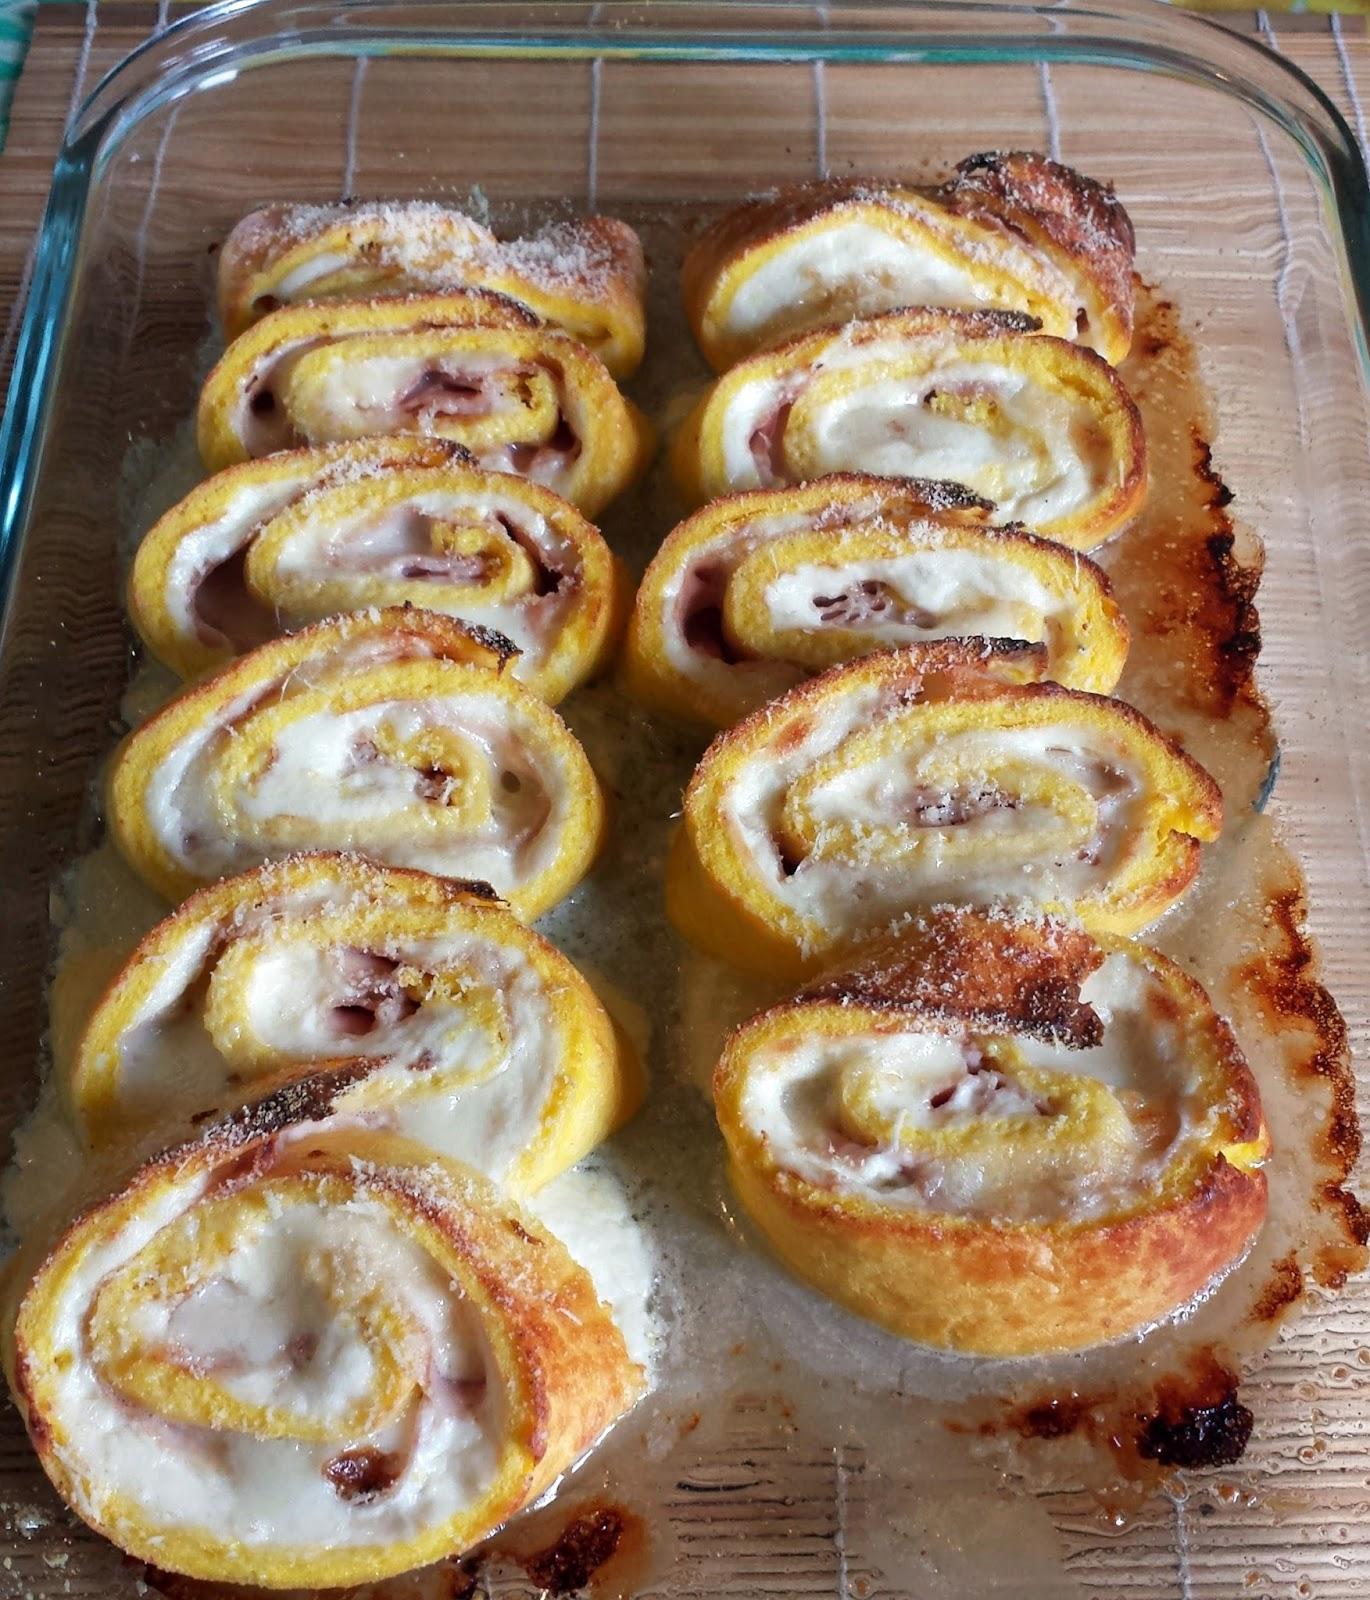 girelle (rotolini) di frittata al forno con formaggi